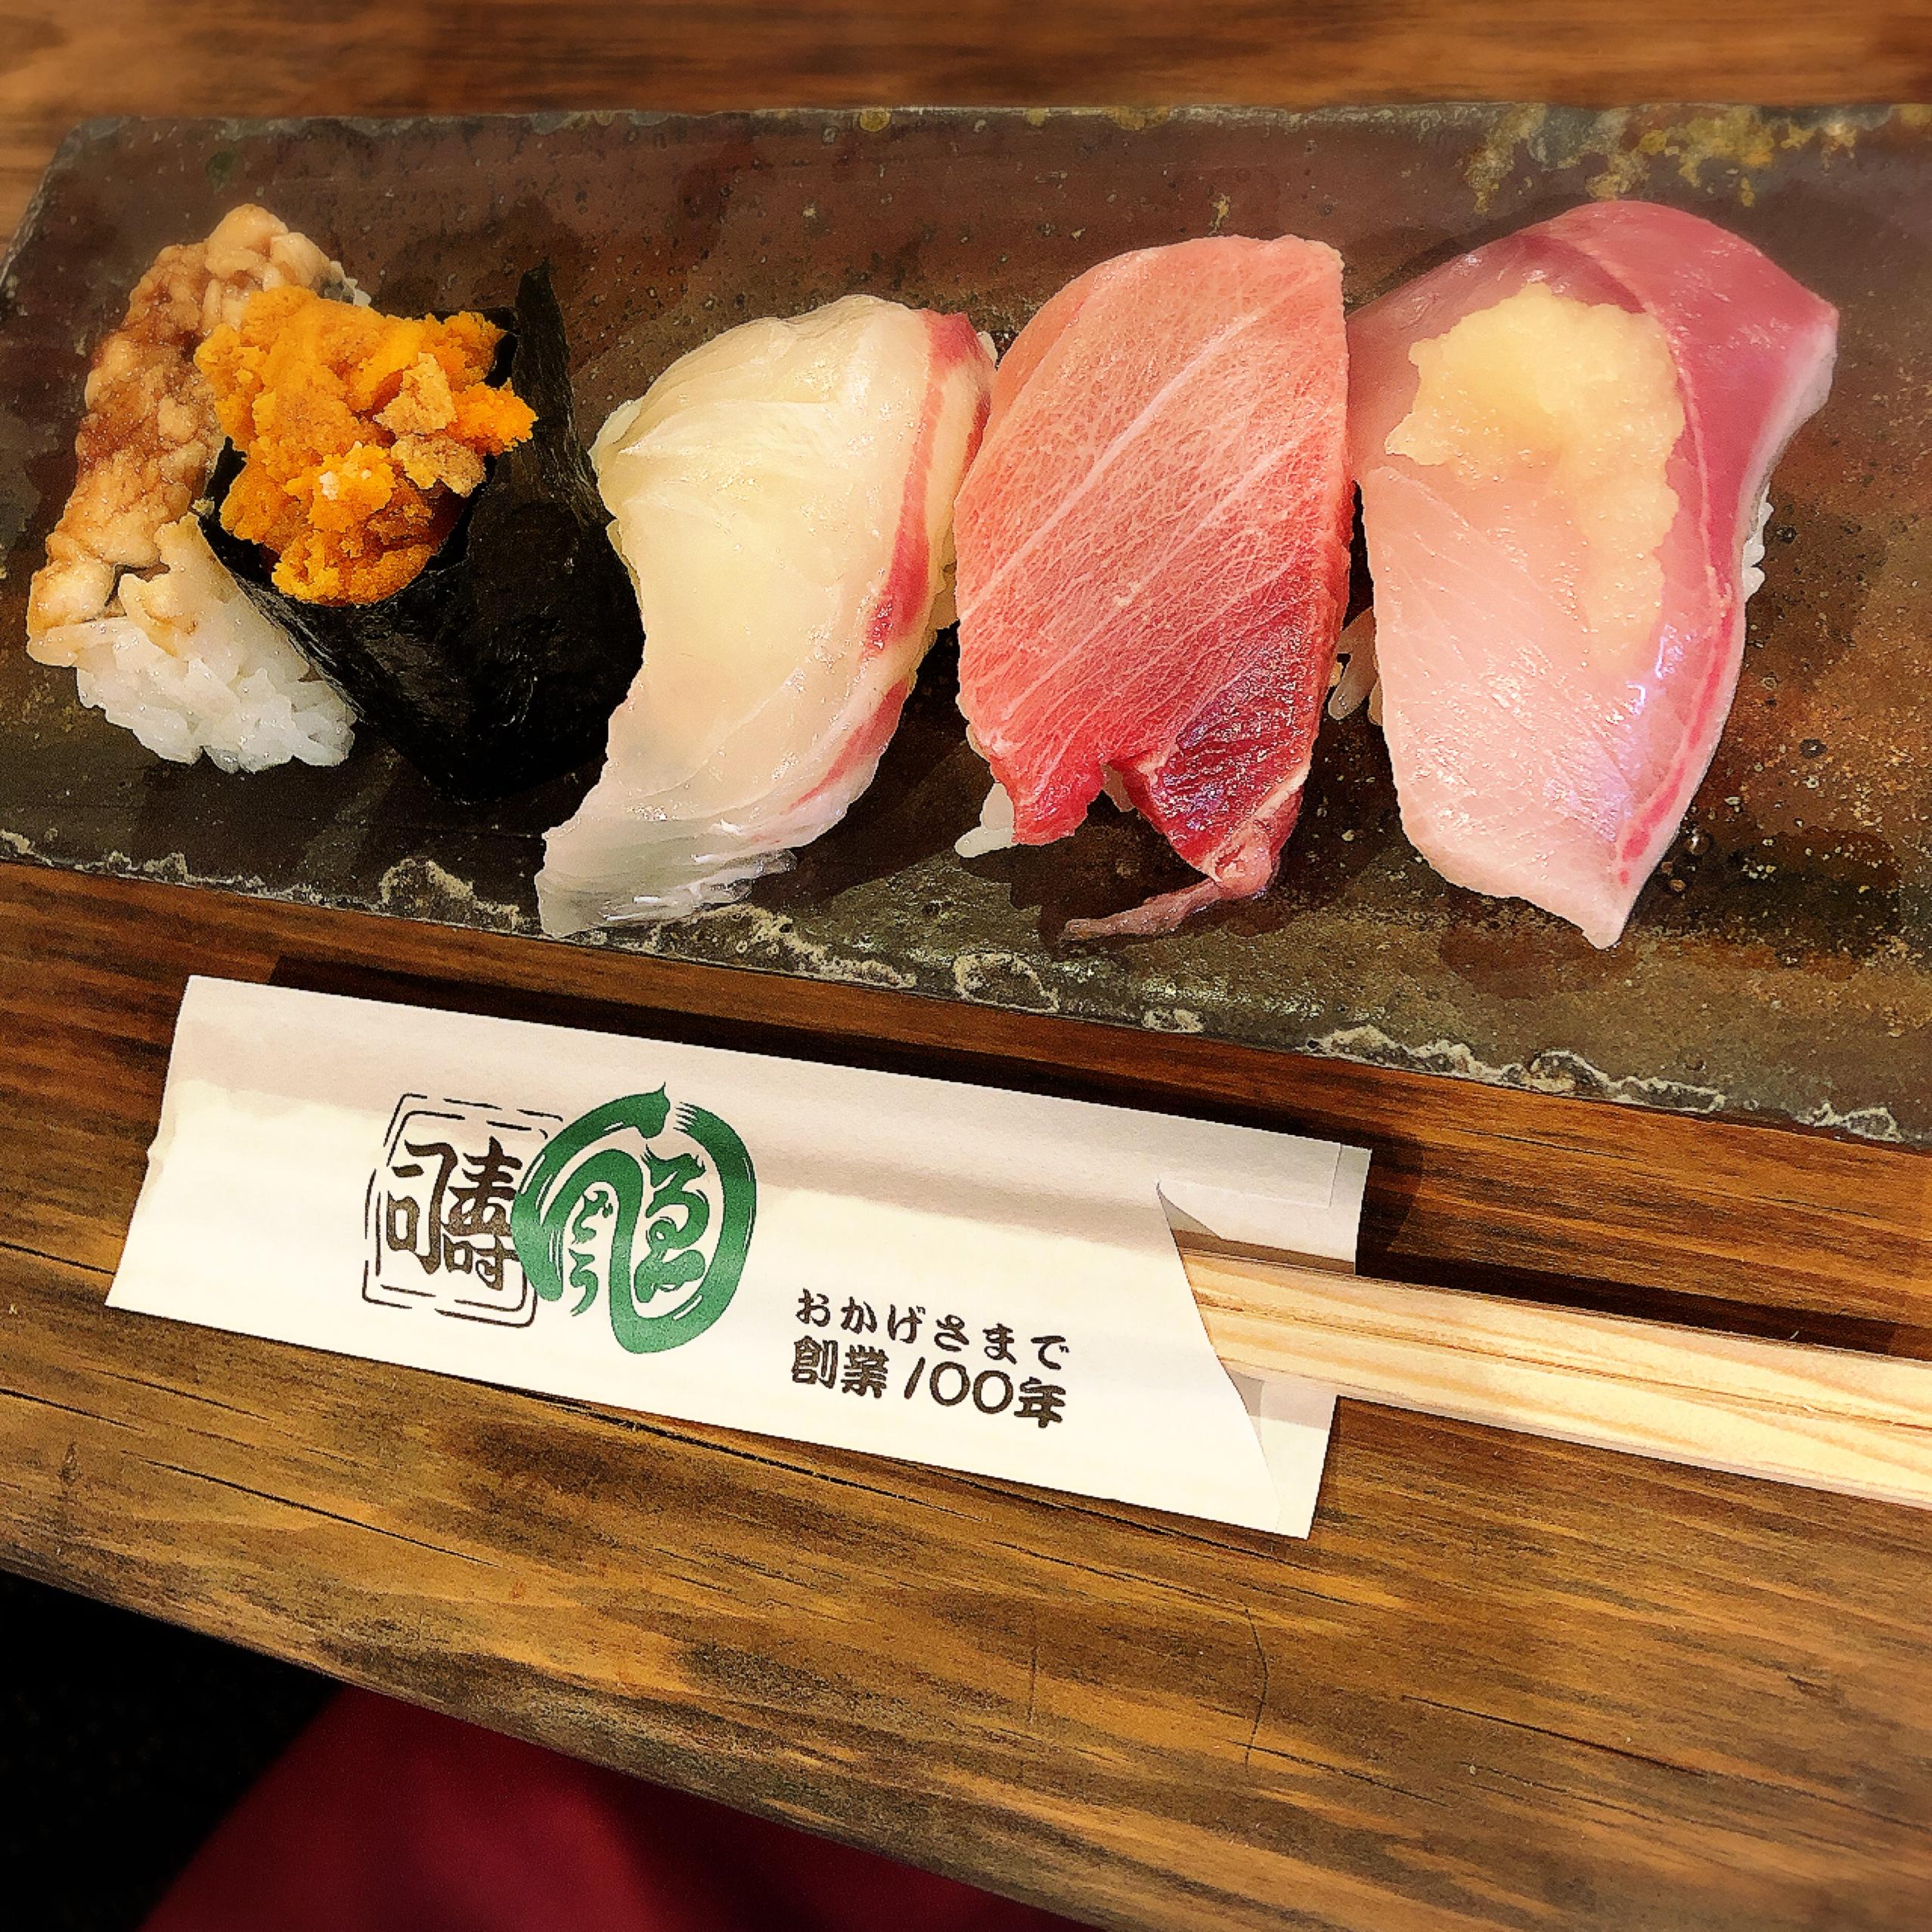 最高の贅沢♡朝からお寿司「ゑんどう寿司」